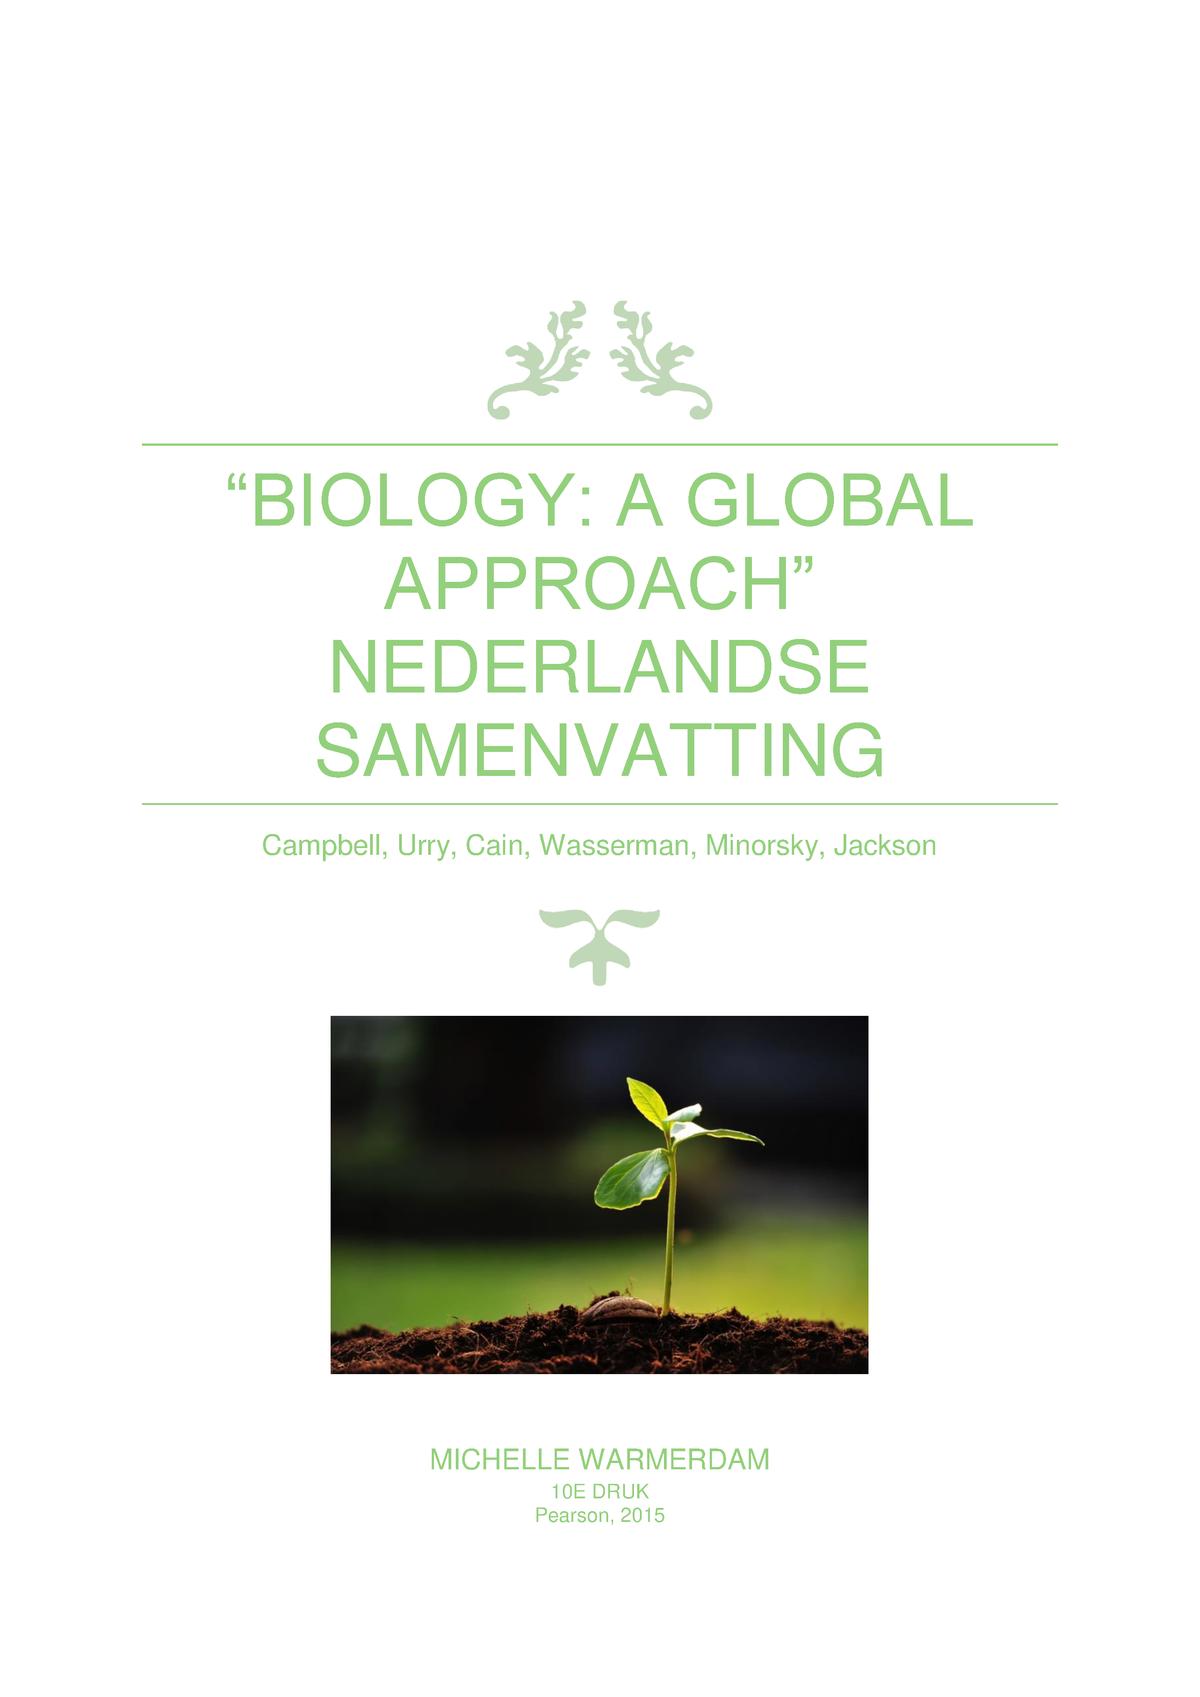 Campbell Biology samenvatting in Nederlands - Ecologie V01RG - StuDocu